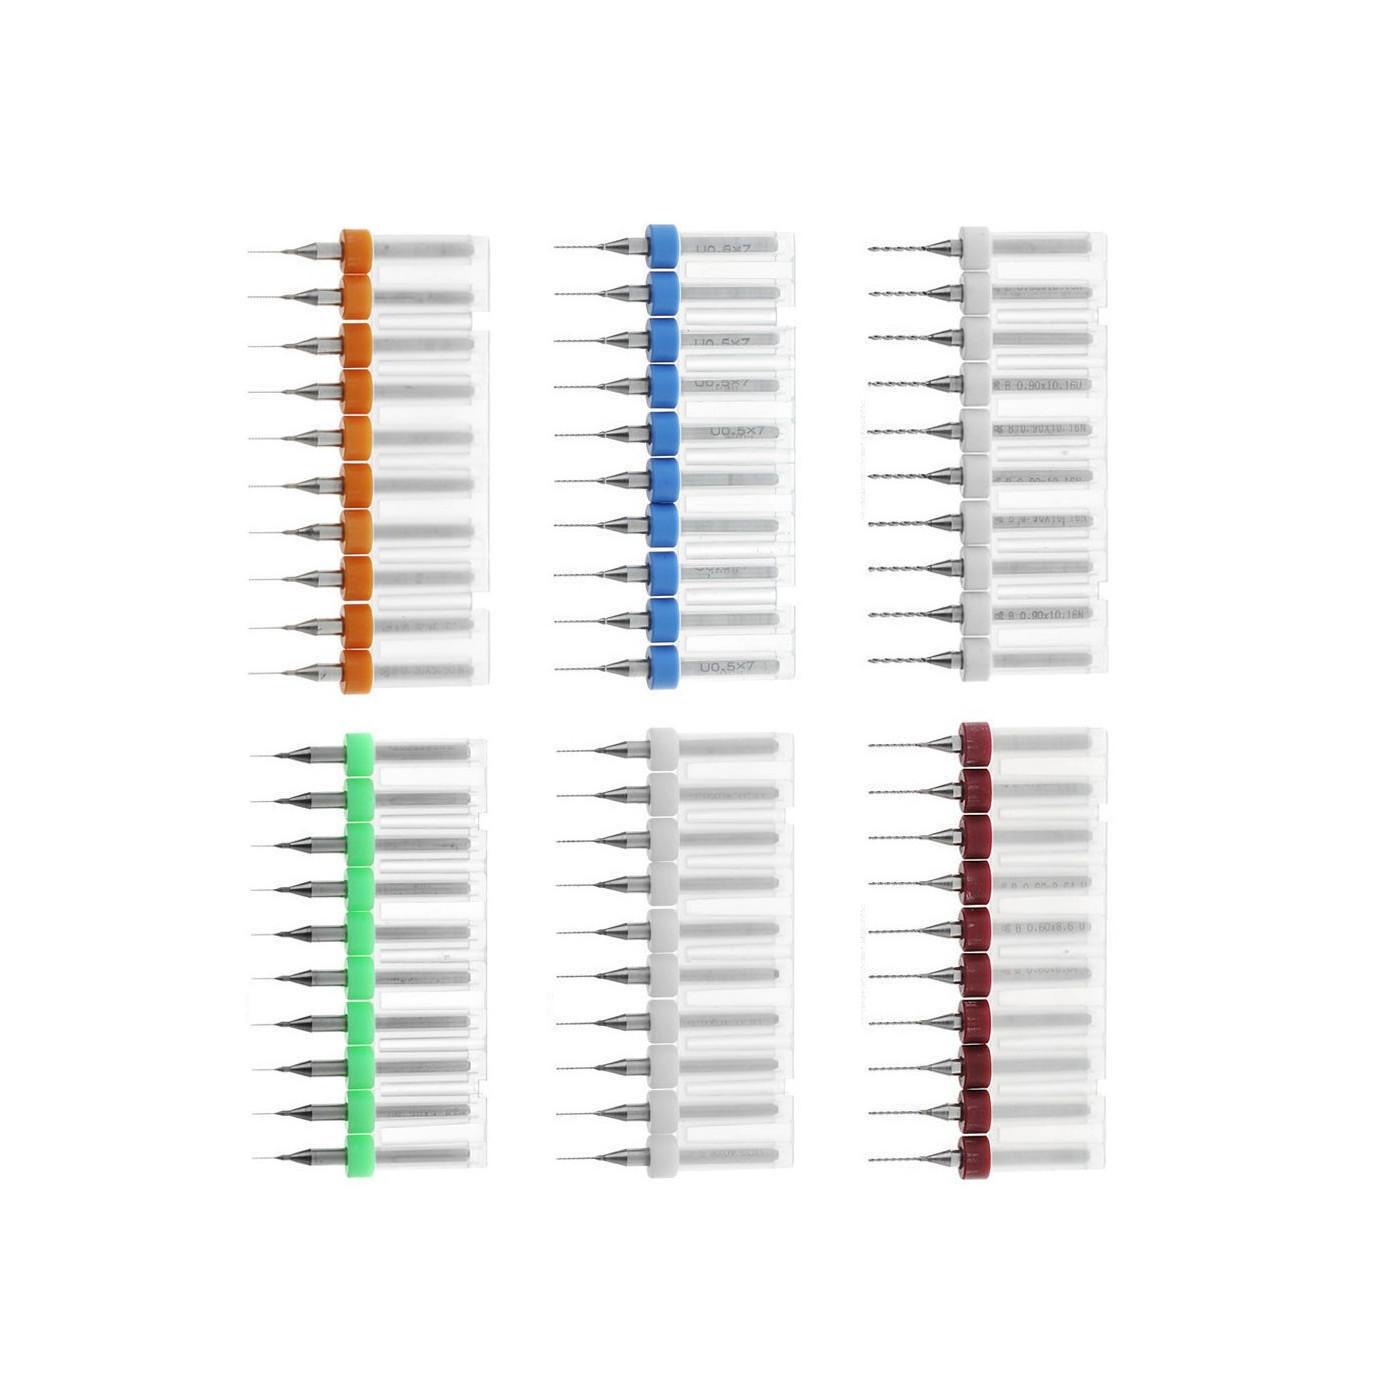 Ensemble de 10 micro forets dans une boîte (0,10 mm)